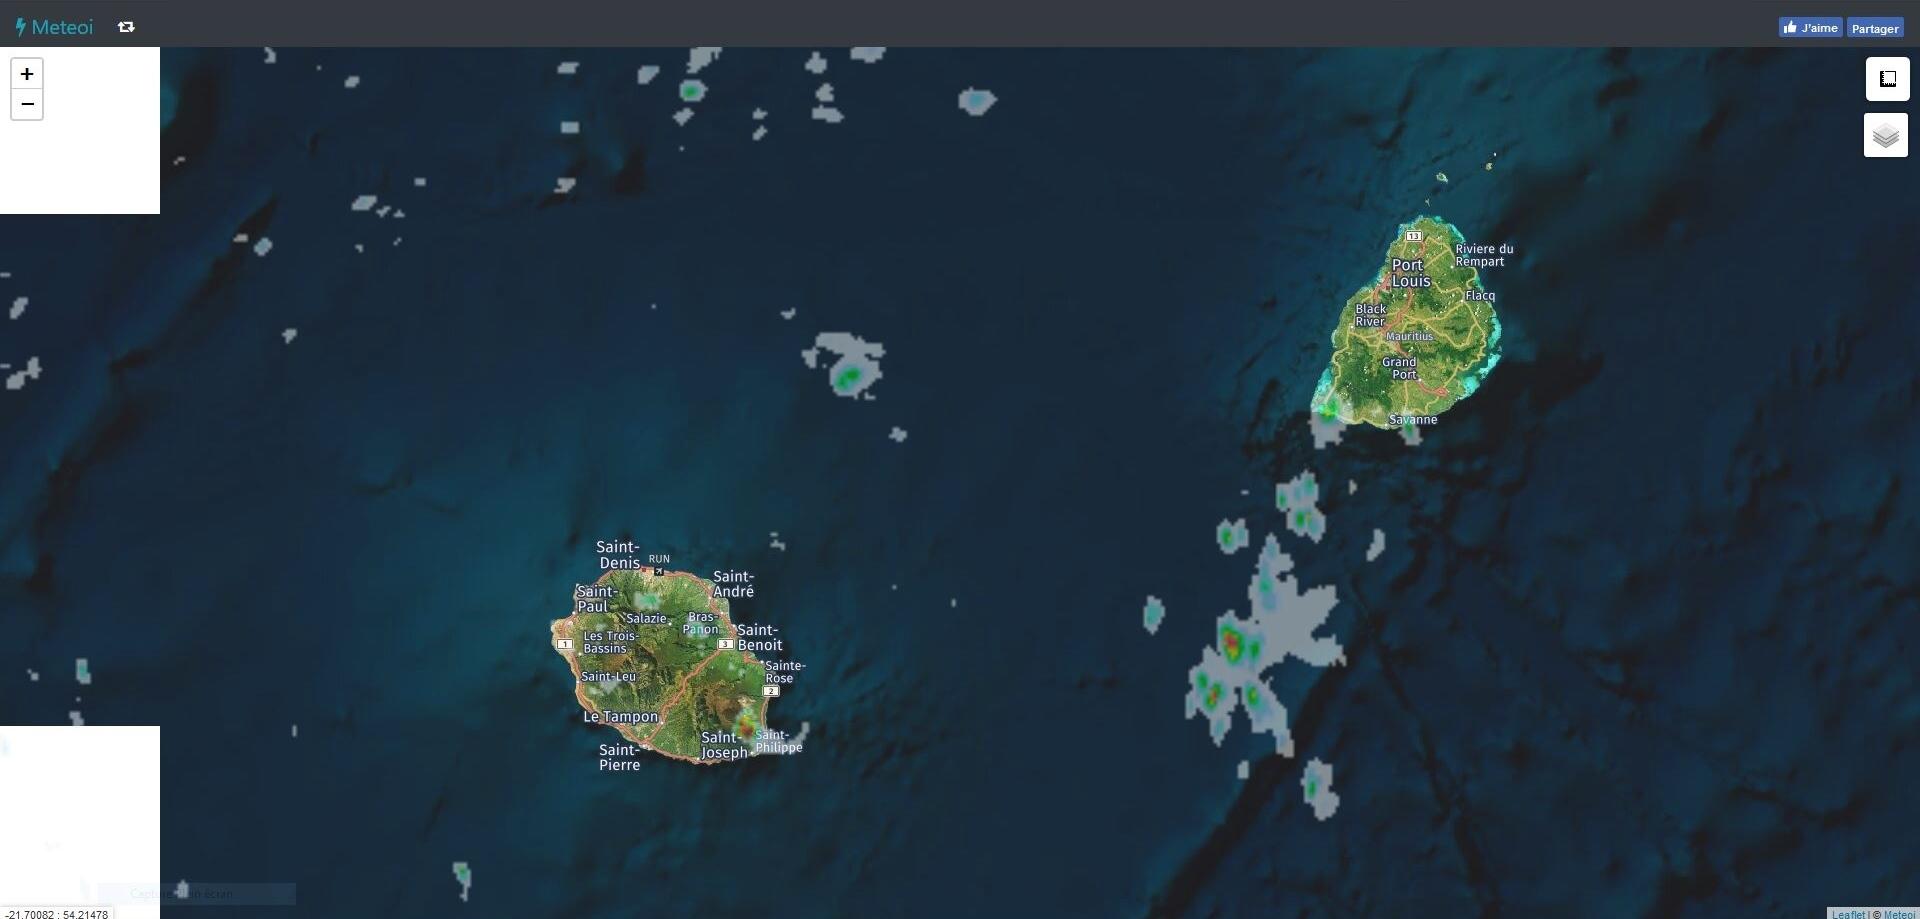 Même image radar mais avec un plan plus large. Meteoi.re